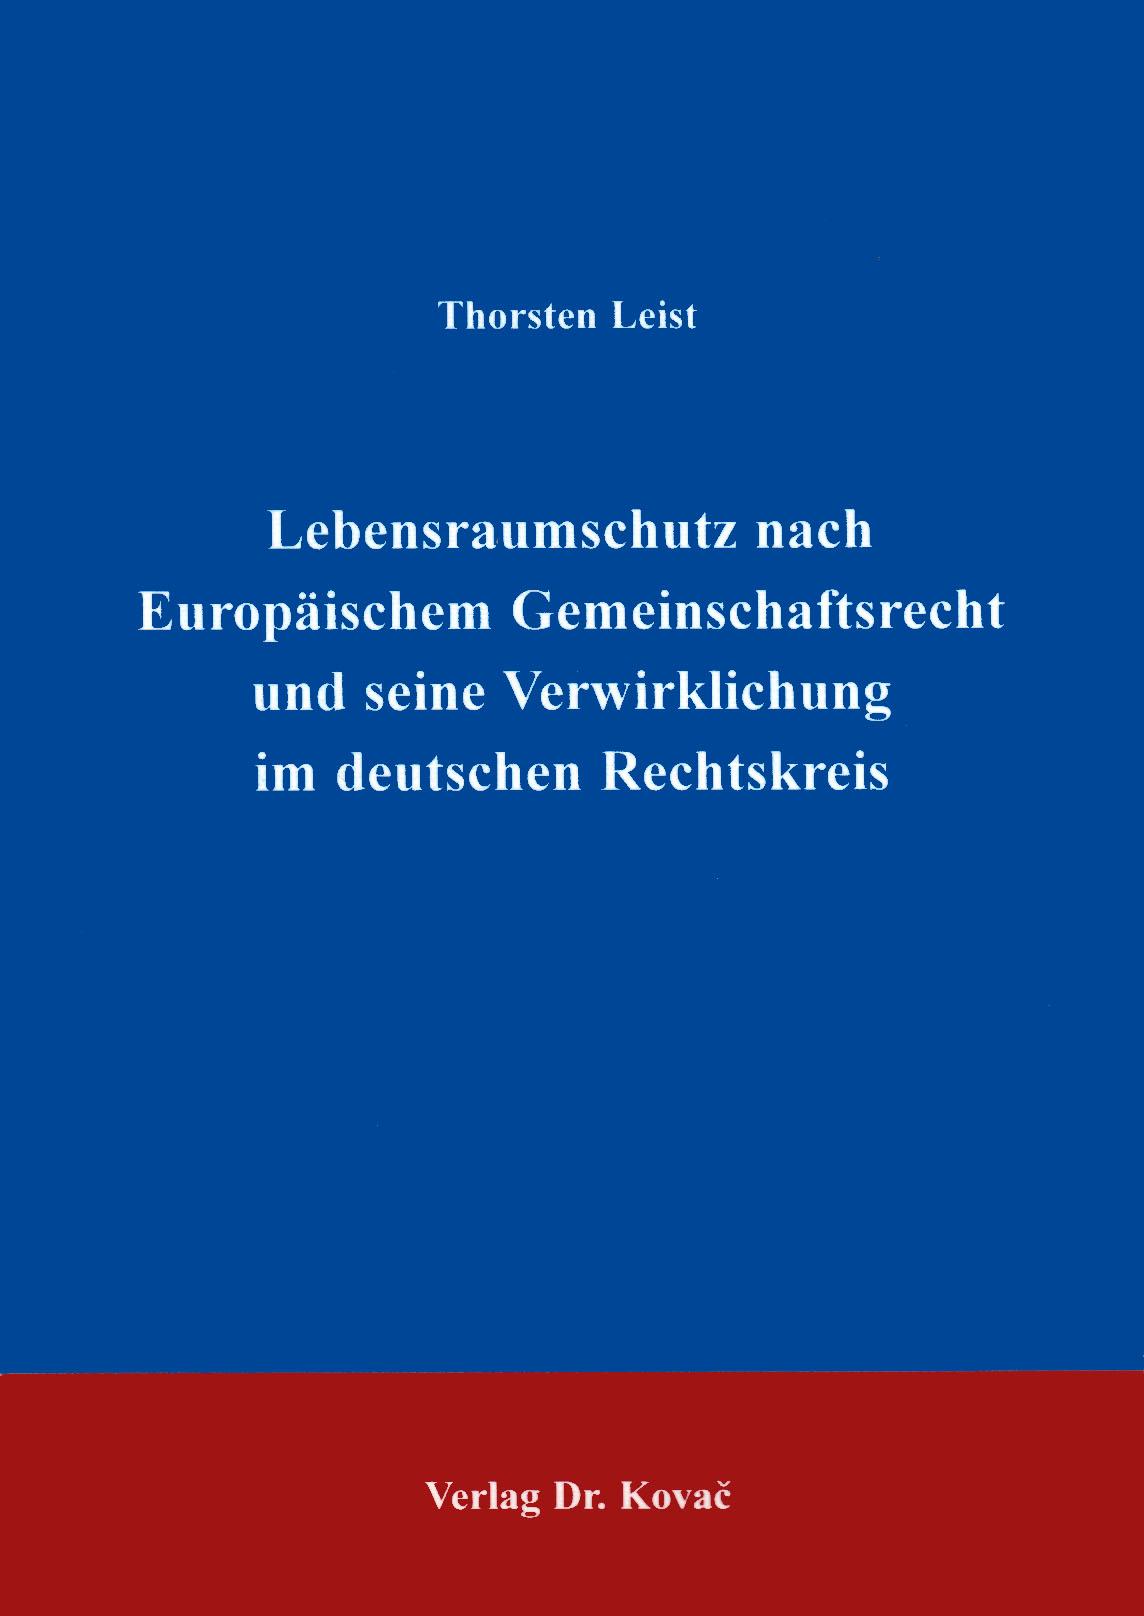 Cover: Lebensraumschutz nach Europäischem Gemeinschaftsrecht und seine Verwirklichung im deutschen Rechtskreis